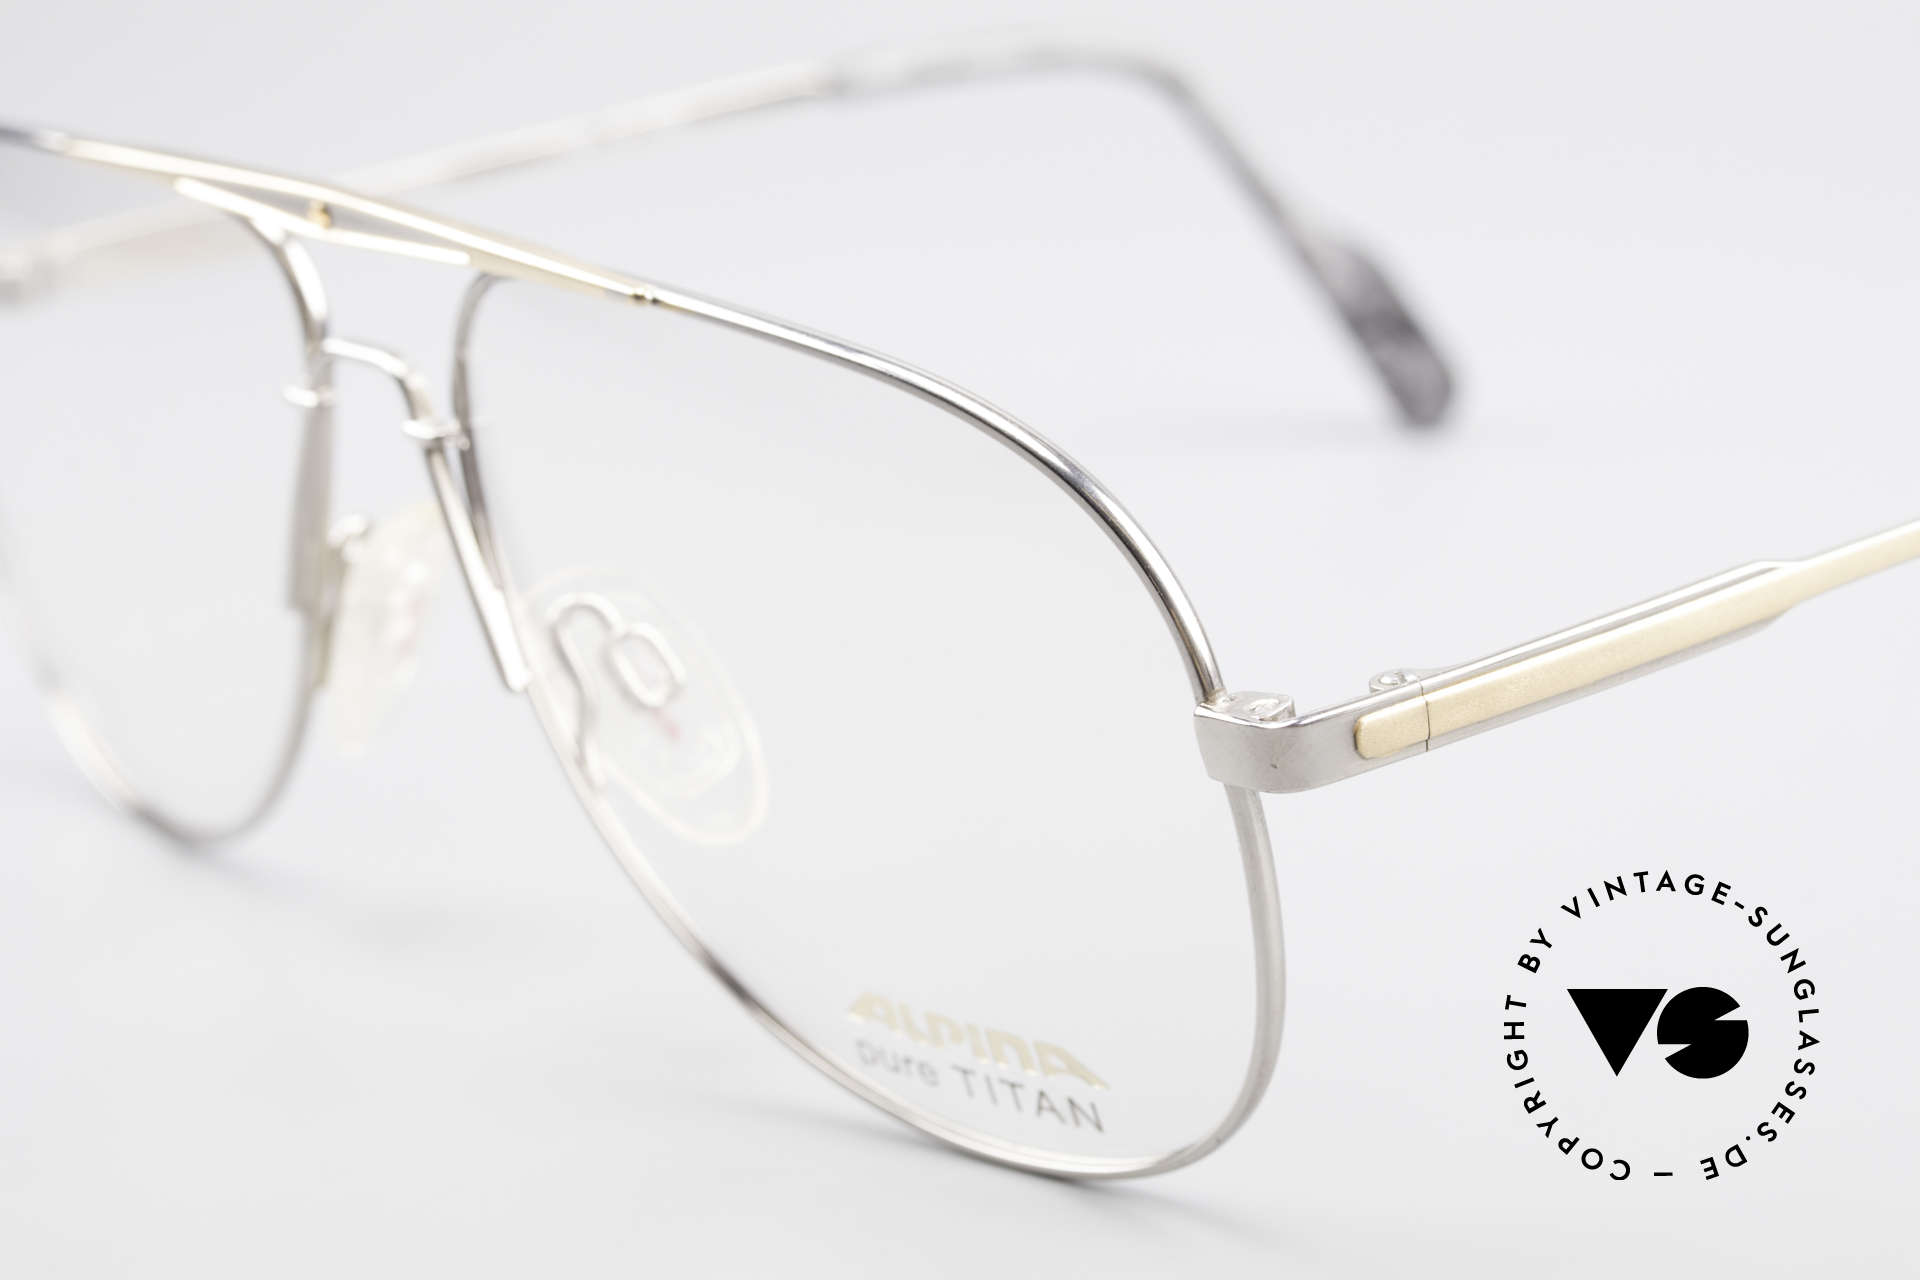 Alpina M1FT Vintage Aviator Titan Frame, unworn (like all our vintage eyeglasses by Alpina), Made for Men